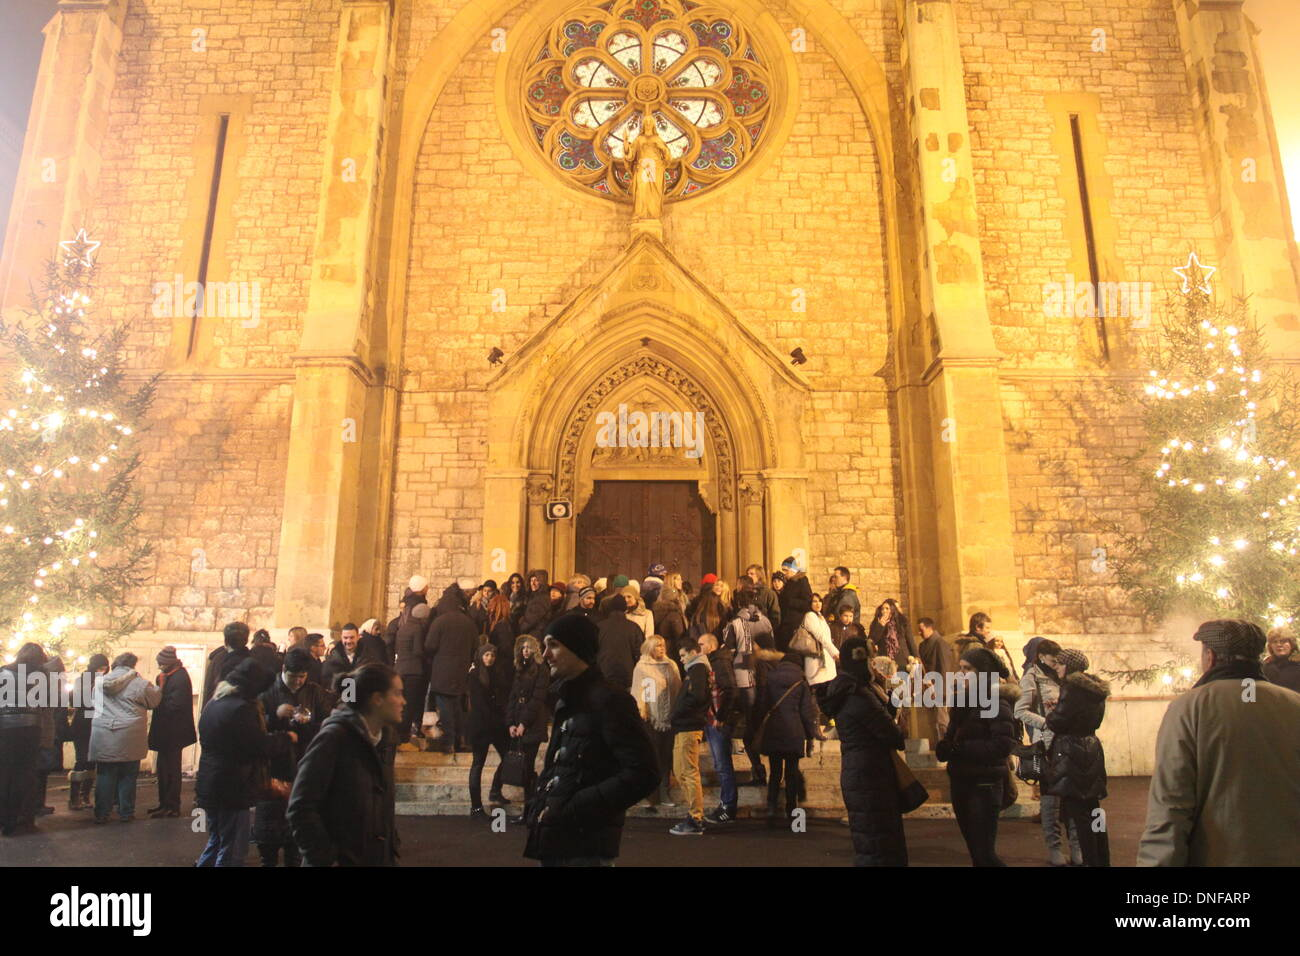 Sarajevo, Bosnien und Herzegowina. 24. Dezember 2013. Christen ...